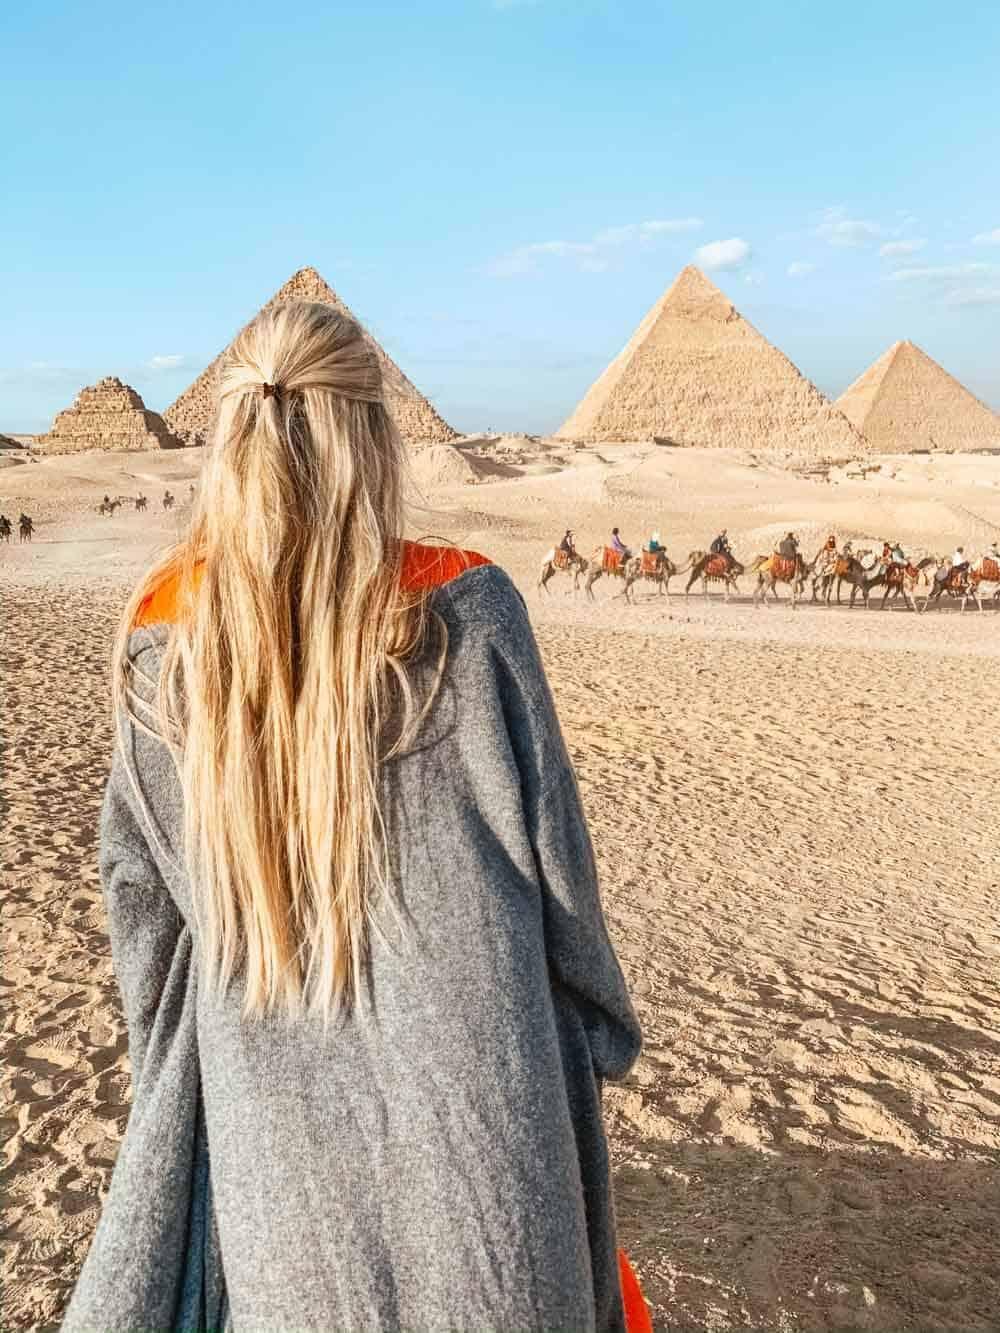 Is Egypt Safe?